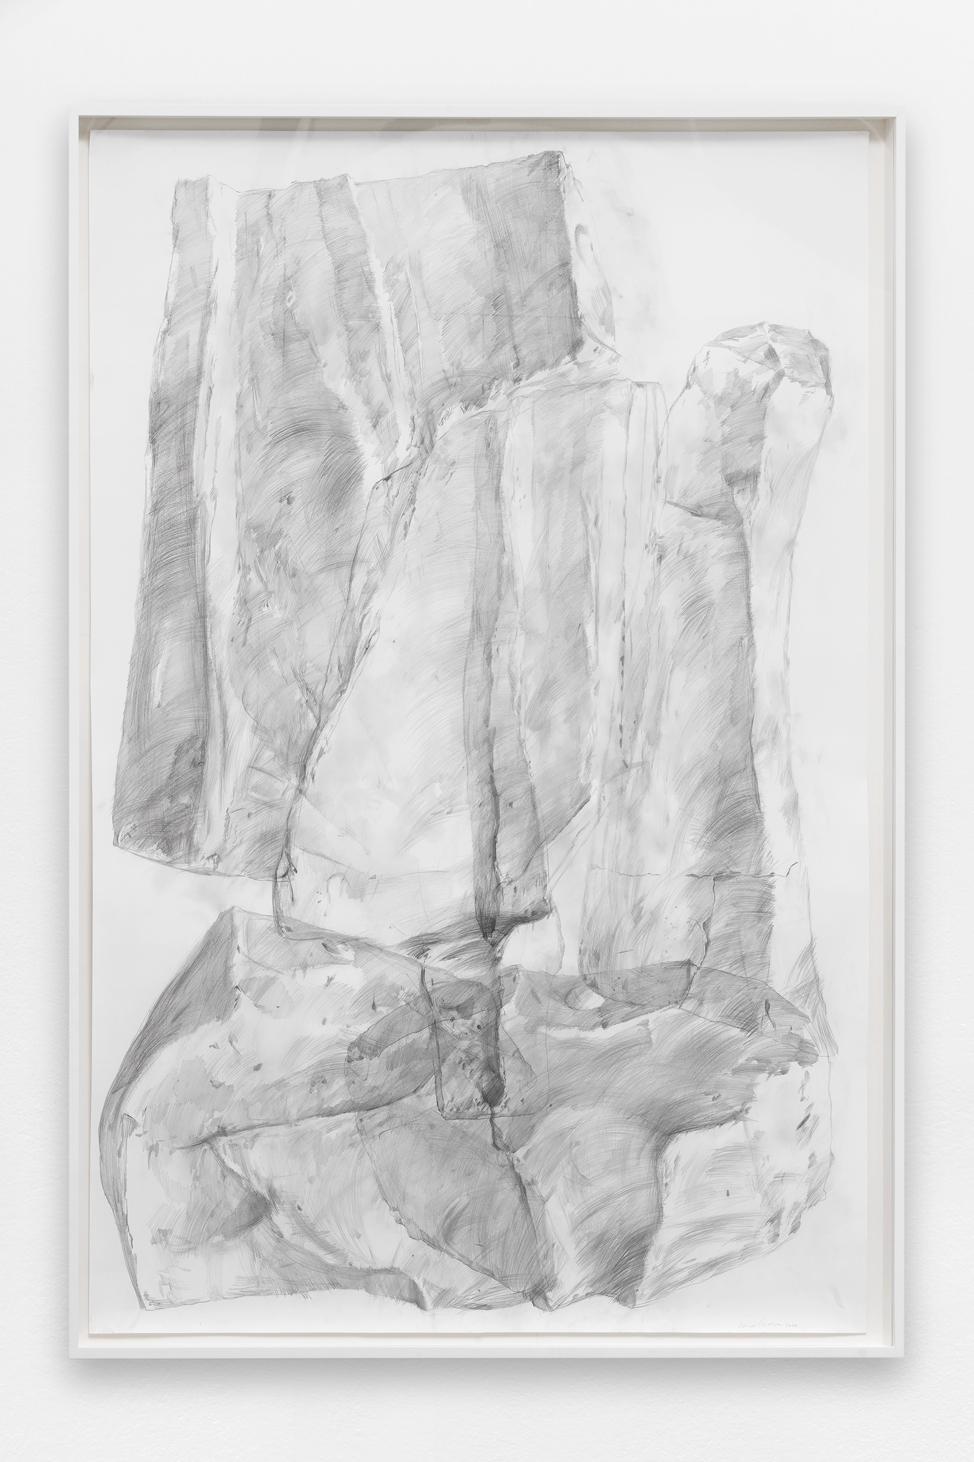 Spectre #4 , Ciprian Mureșan, 2020, Pencil on paper, 211 x 161 x 7 cm  — Galerie Éric Hussenot, Paris